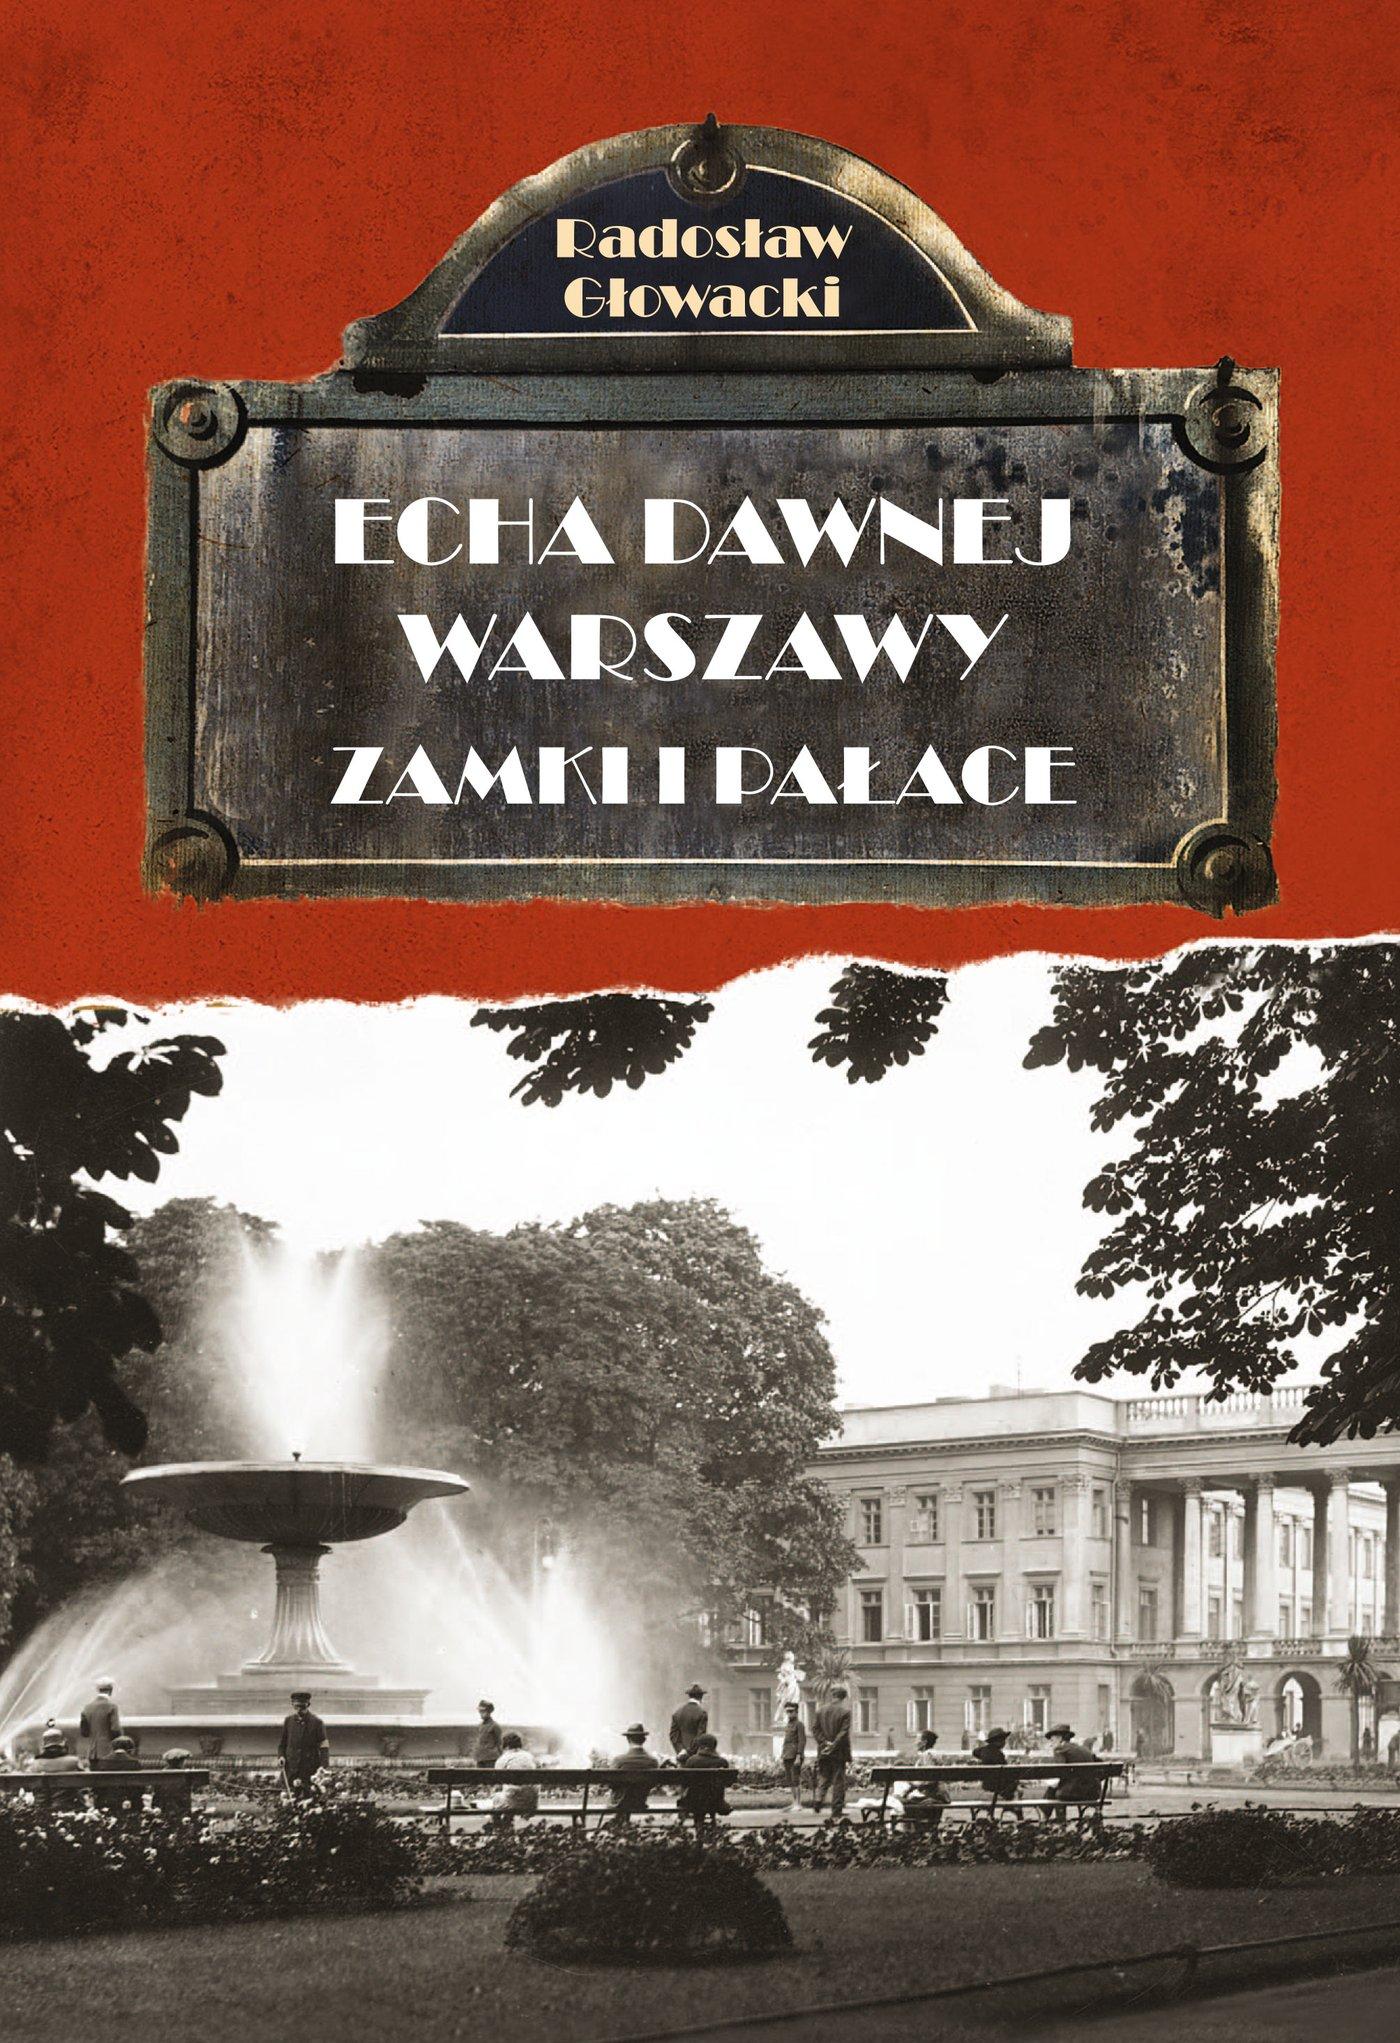 Echa Dawnej Warszawy Zamki i Pałace - Ebook (Książka EPUB) do pobrania w formacie EPUB